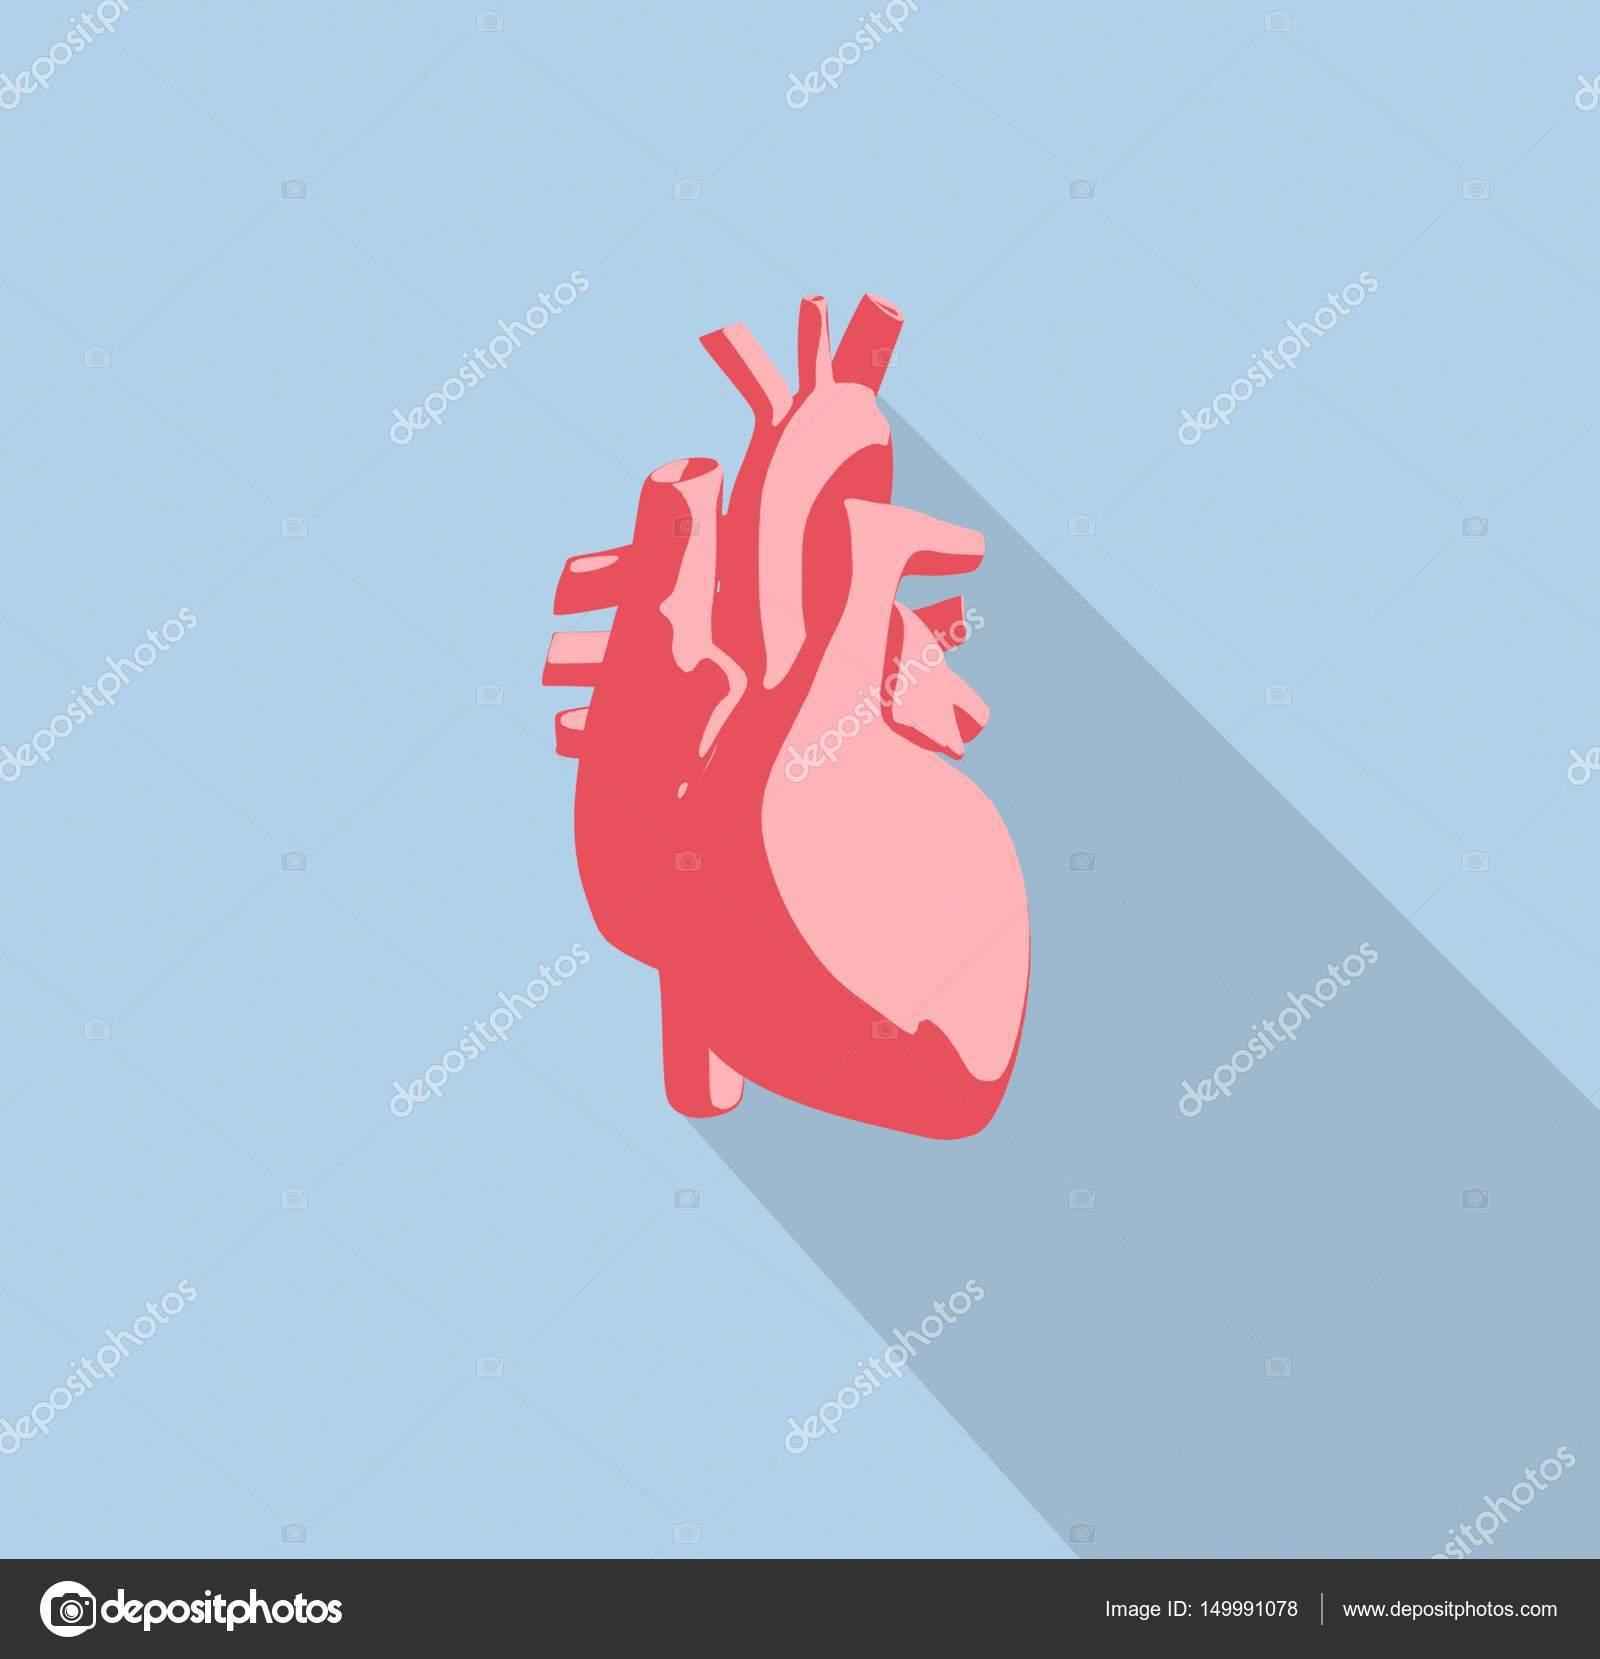 Icono de modelo de corazón humano Anatomía — Fotos de Stock ...